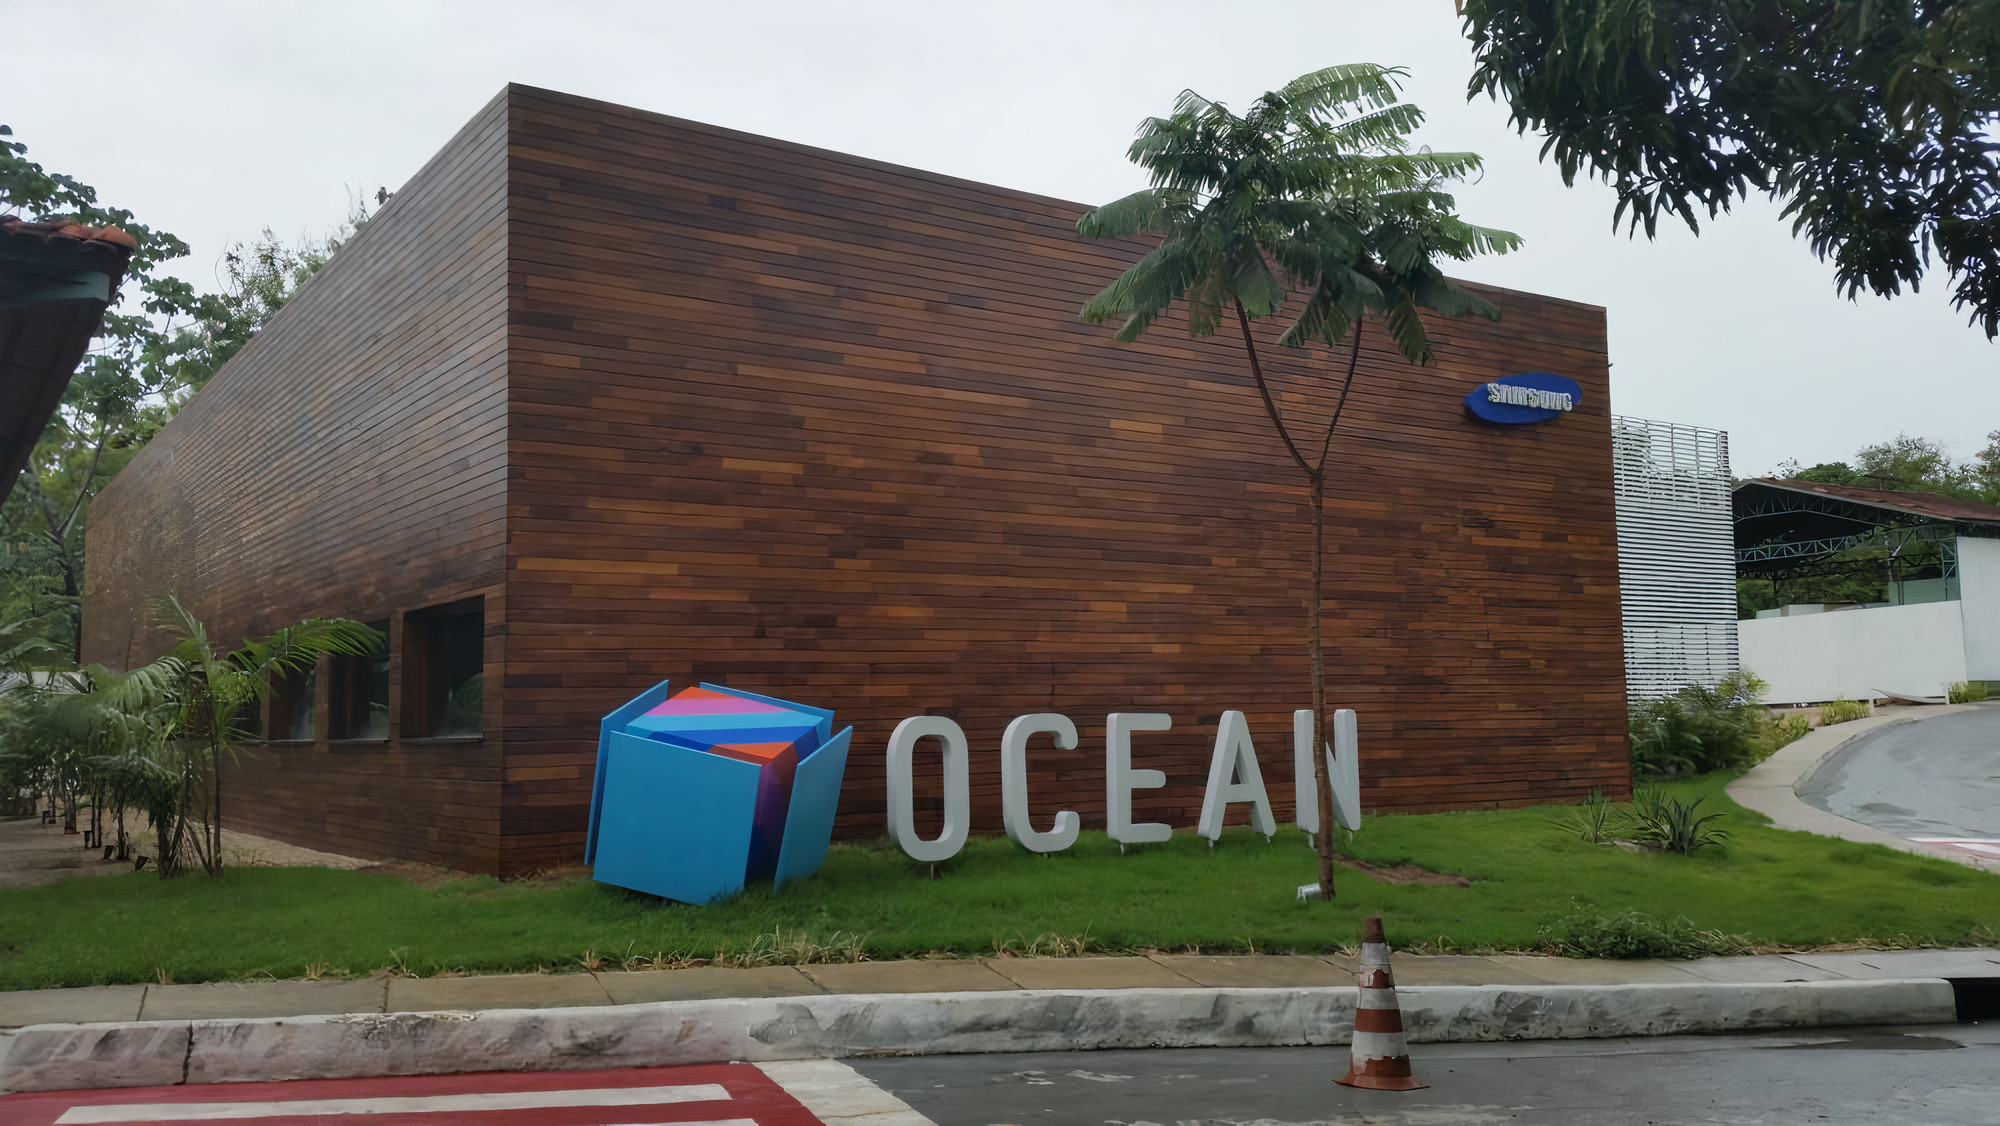 Centro do samsung ocean